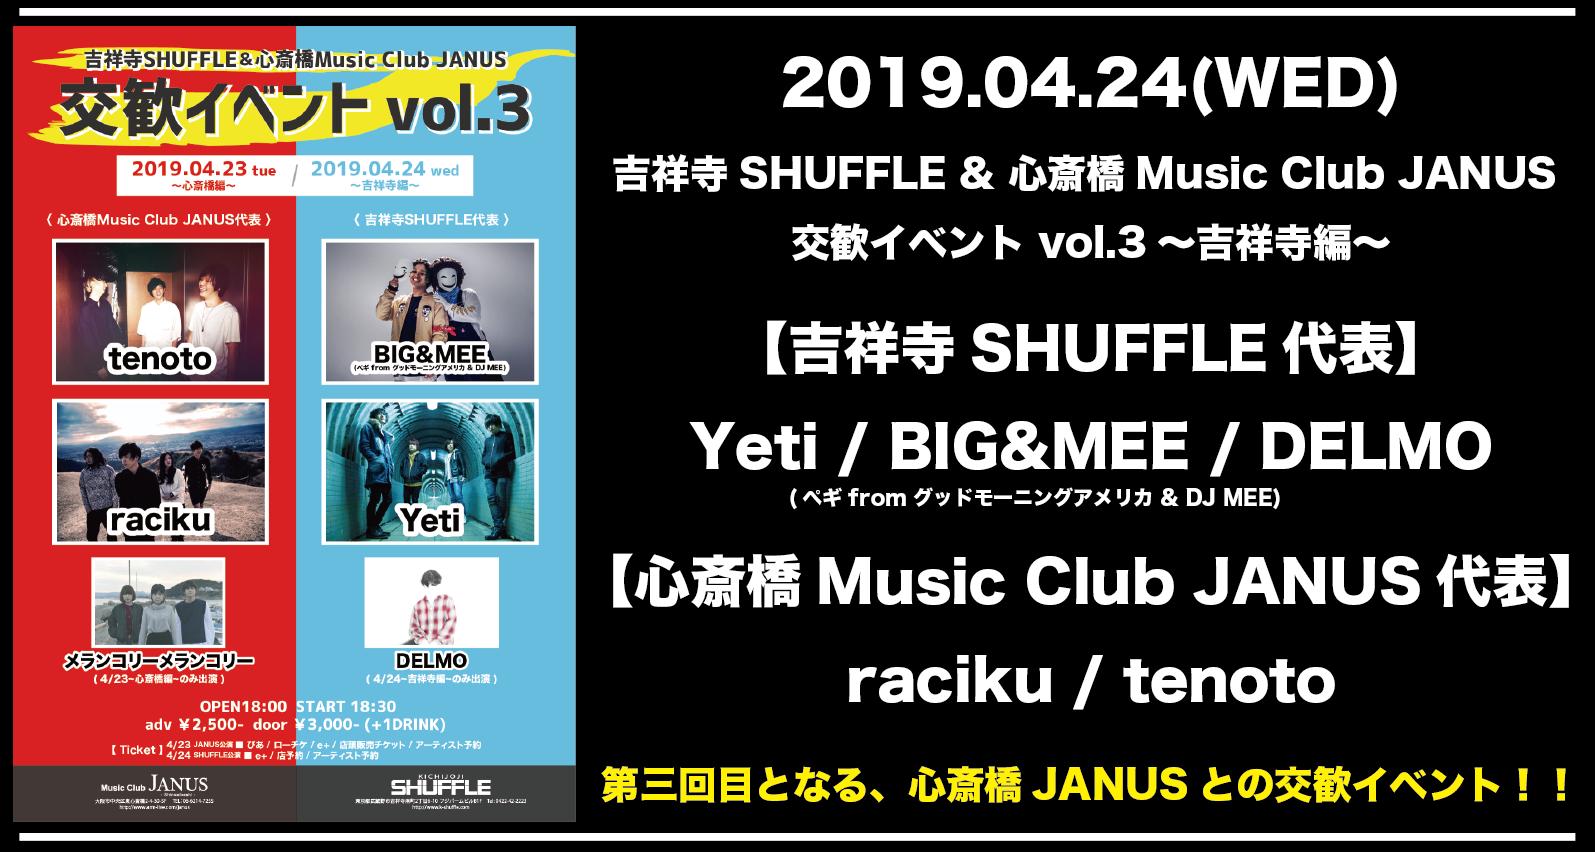 吉祥寺SHUFFLE & 心斎橋Music Club JANUS 交歓イベント vol.3~吉祥寺編~